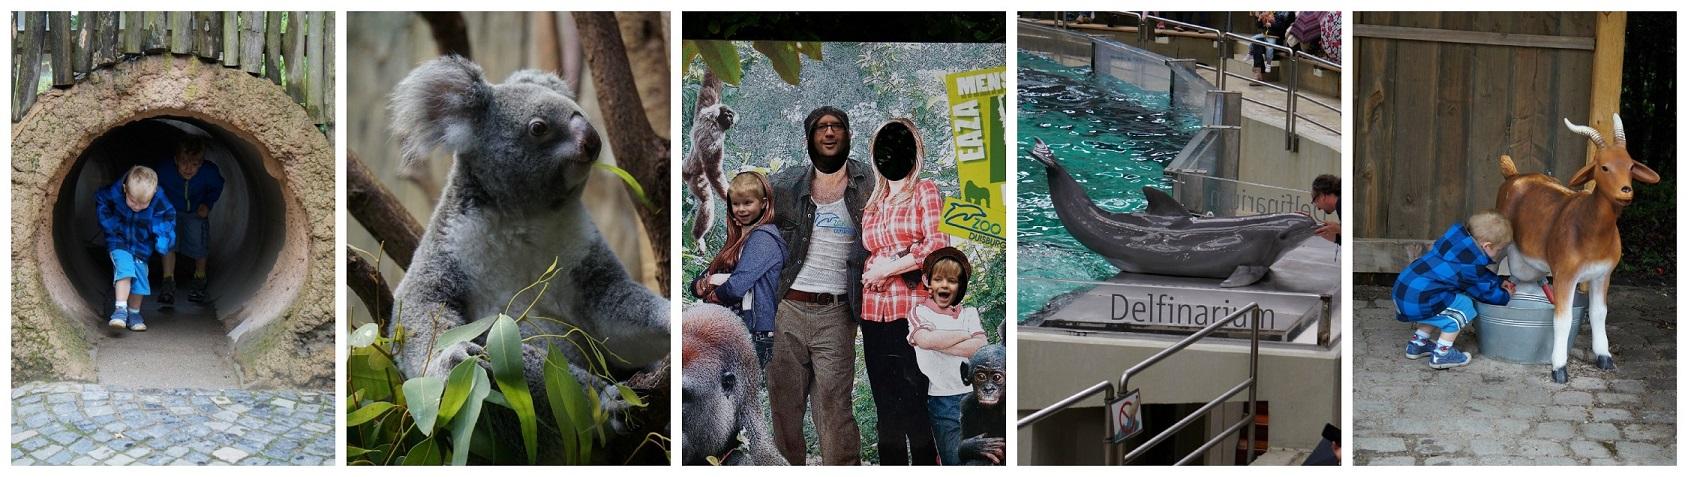 Veel verschillende dieren in de Duisburg Zoo